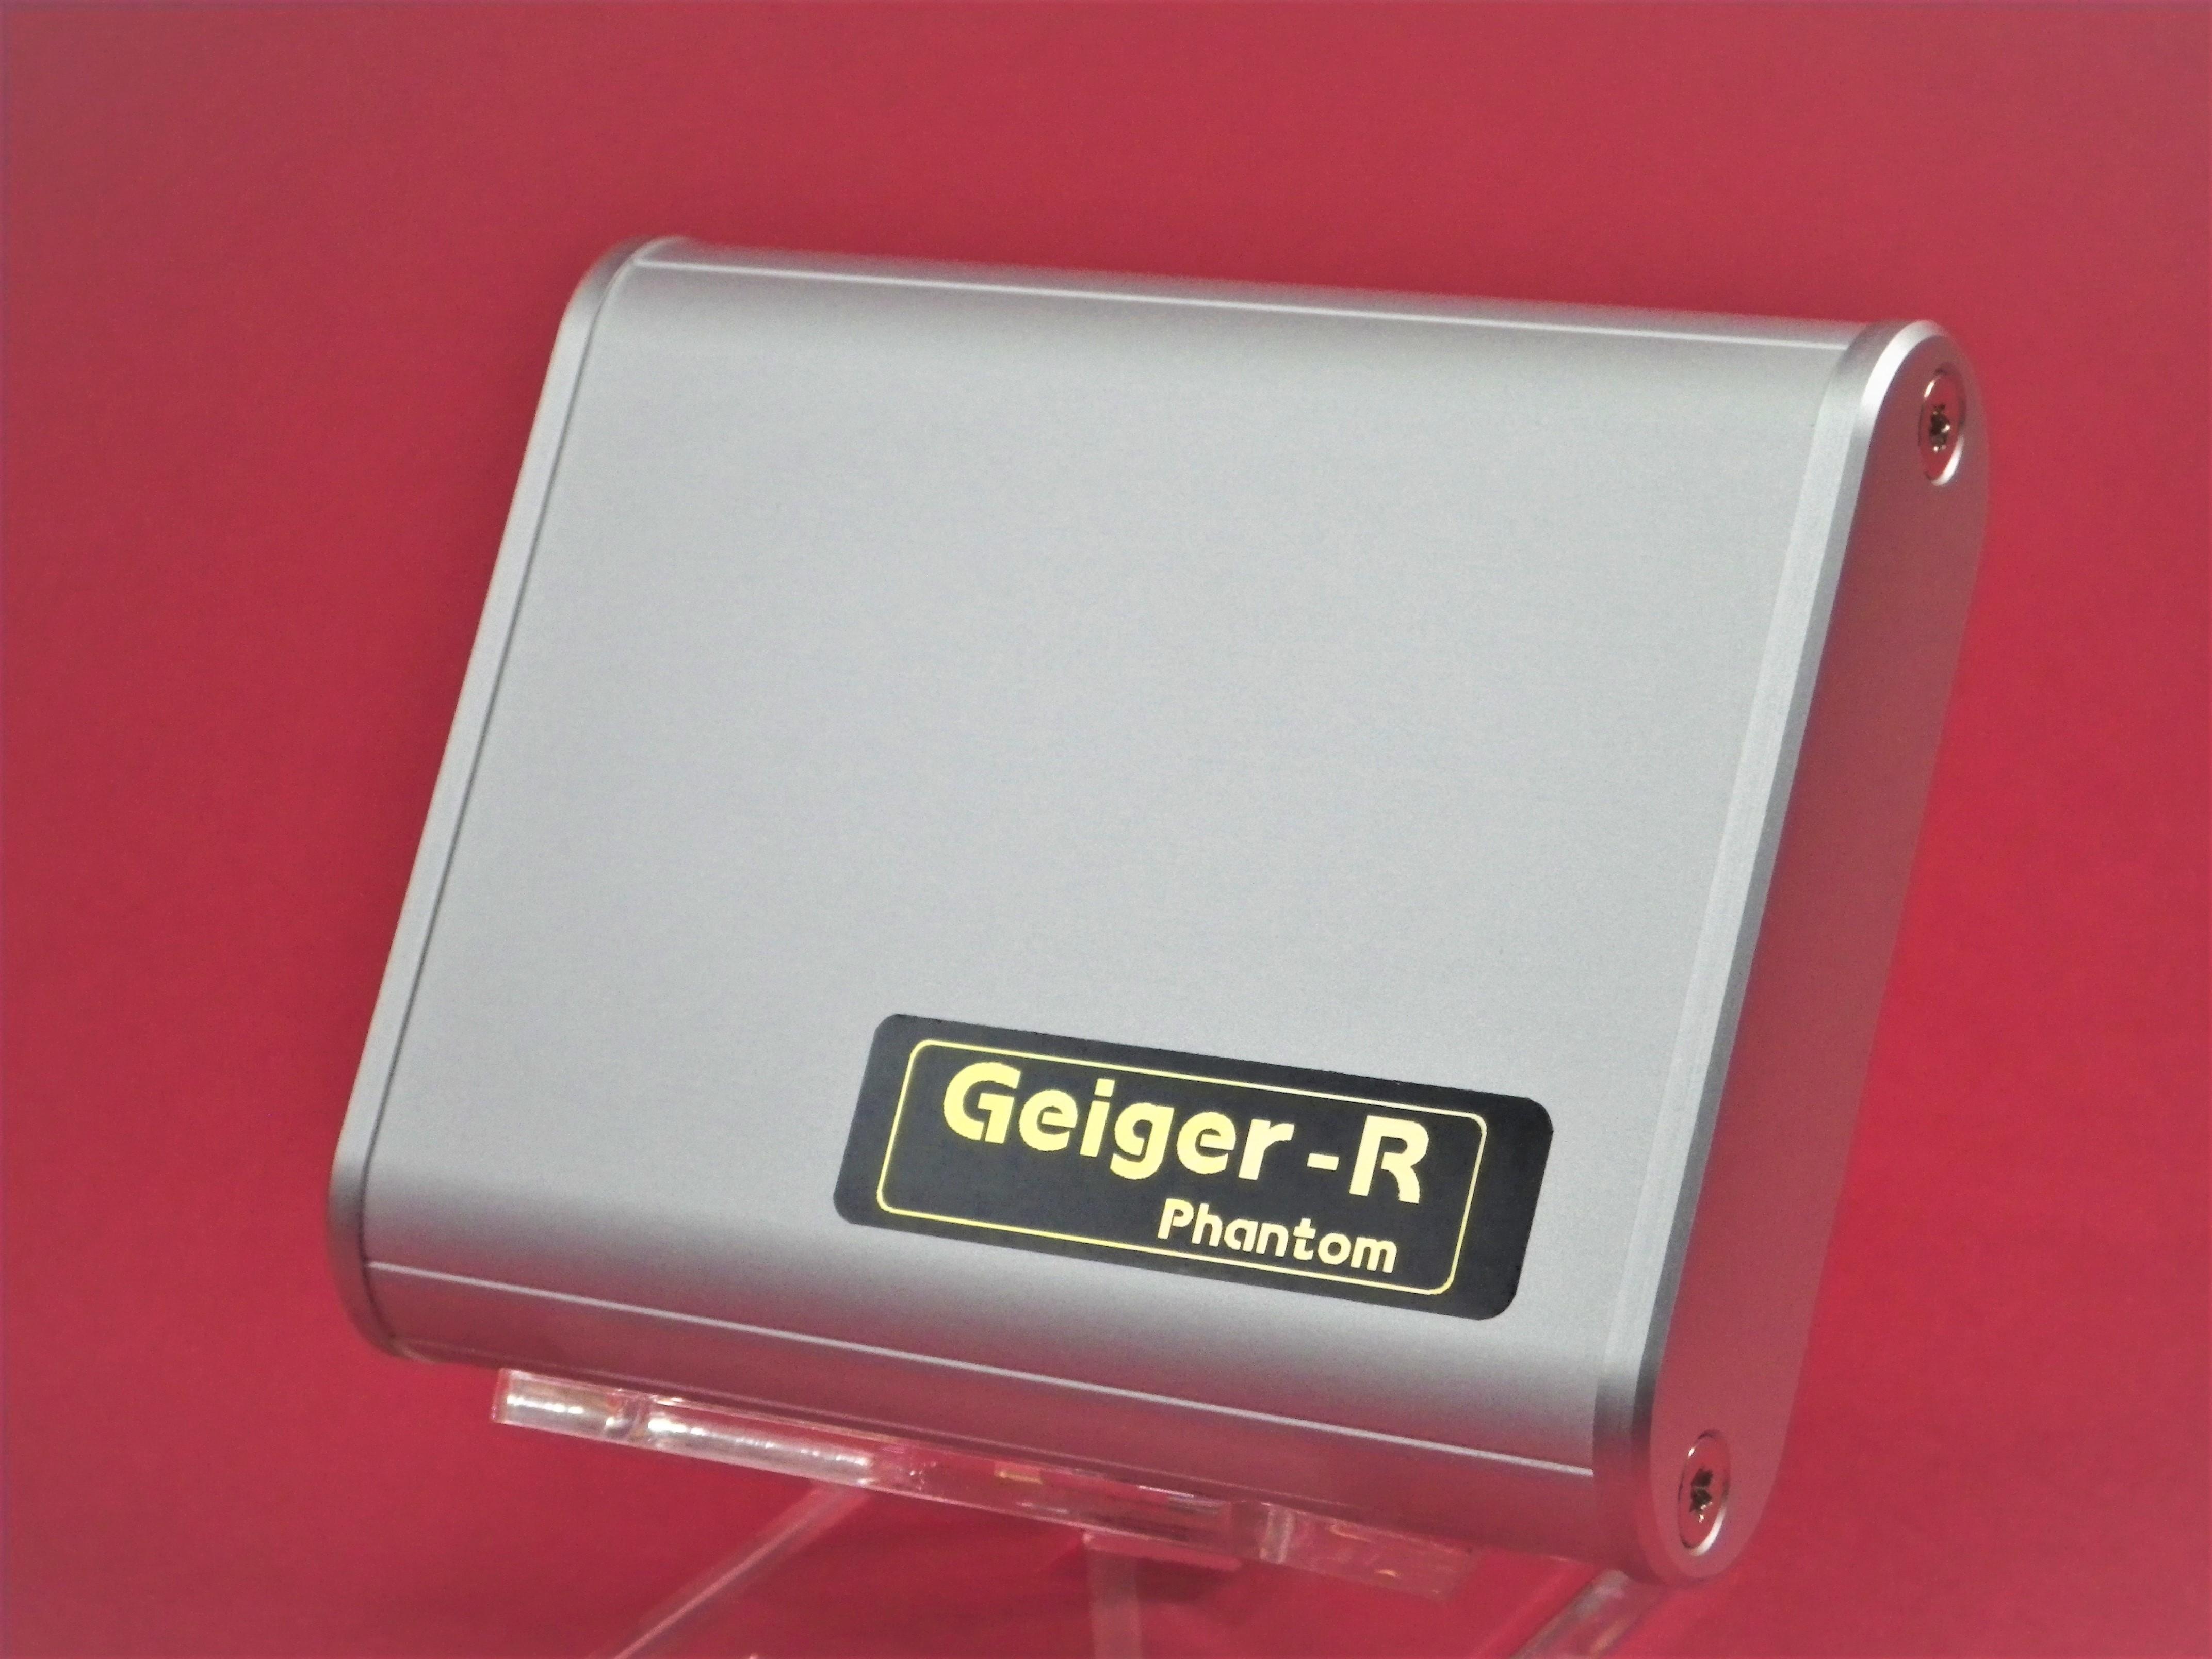 Geiger-R Phantom表